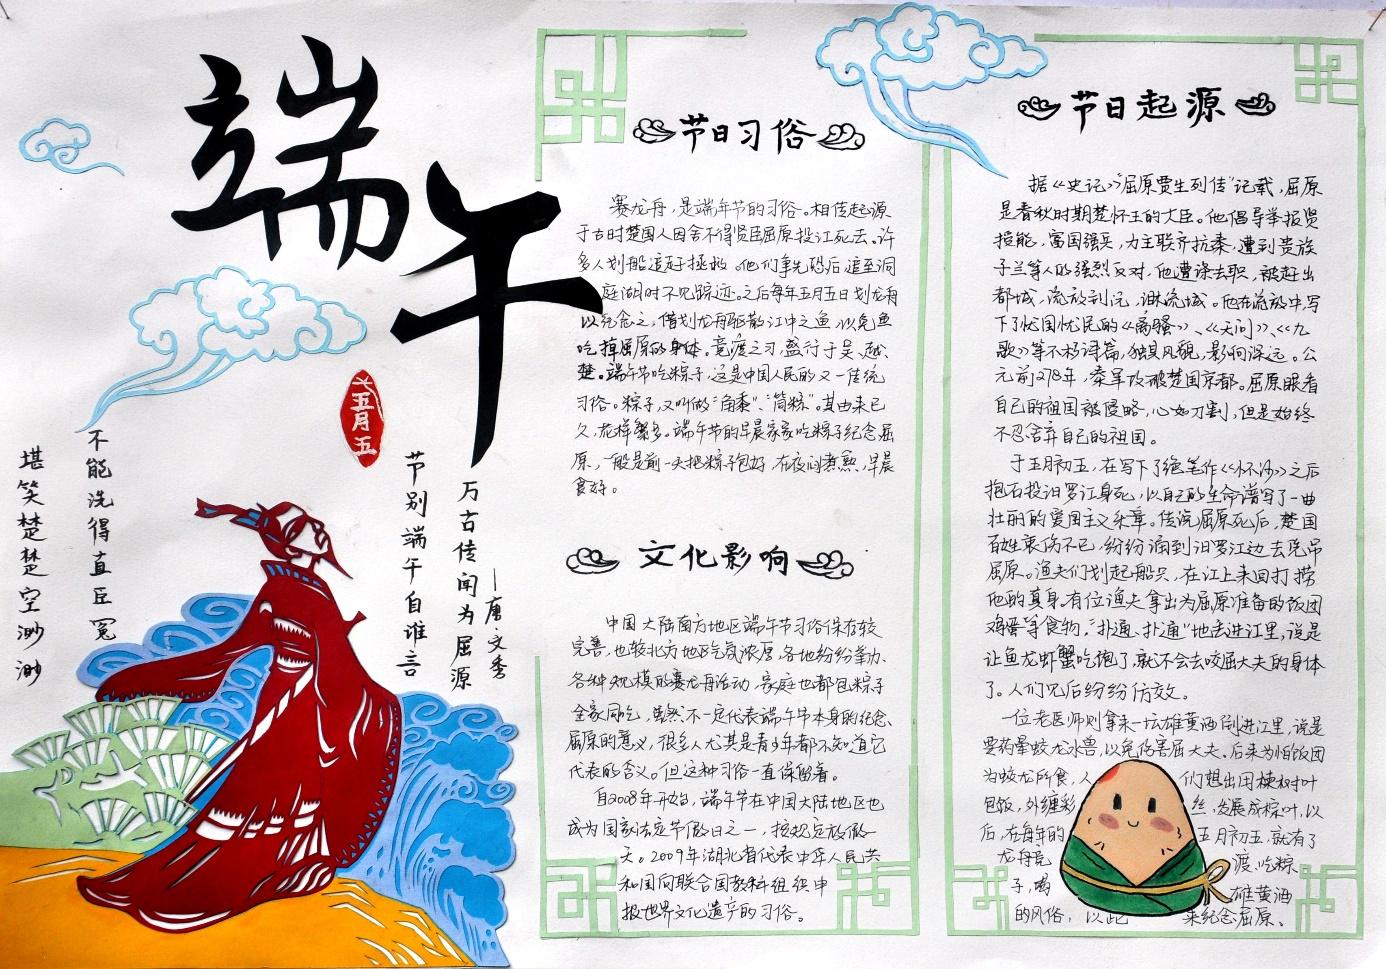 邛崃未成年人手绘节日小报 感悟端午传统文化图片